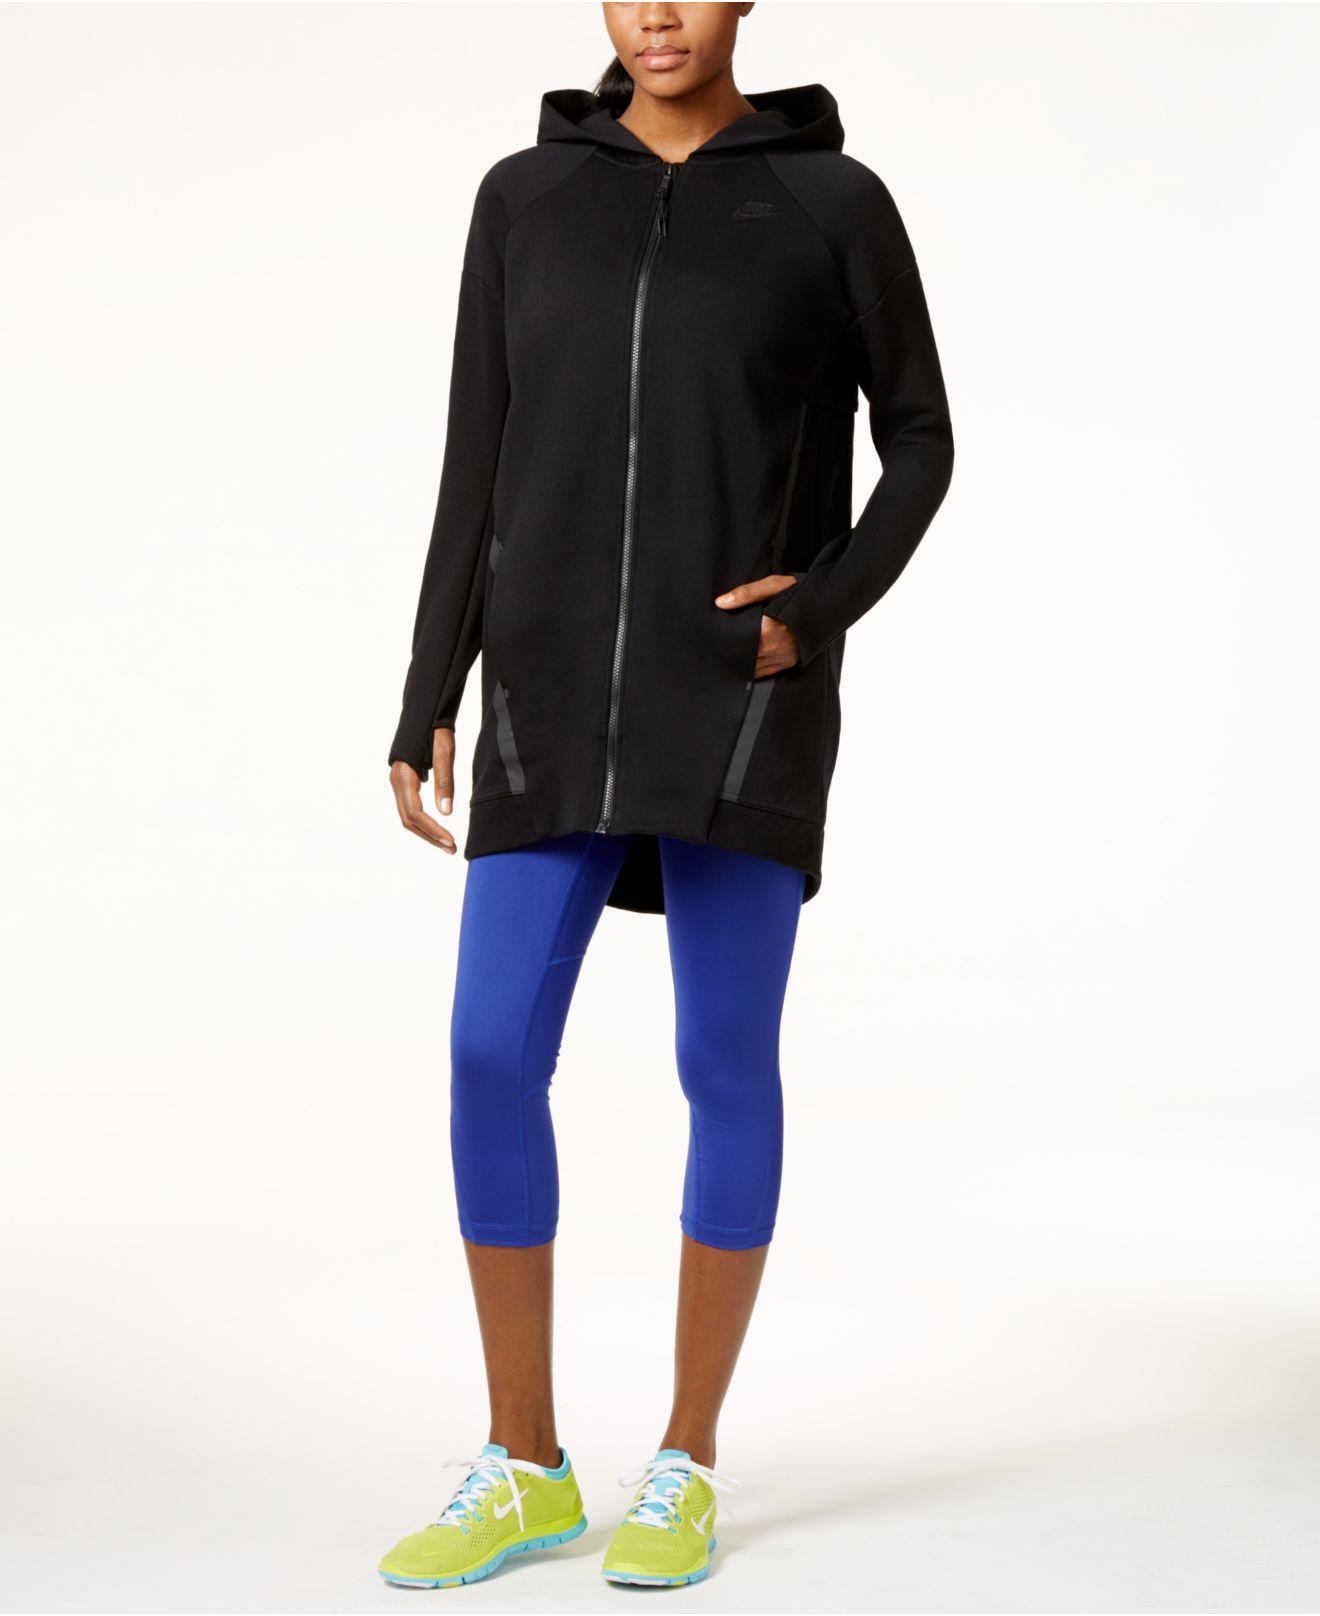 7fdb132371fb Lyst - Nike Tech Fleece Cocoon Jacket in Black